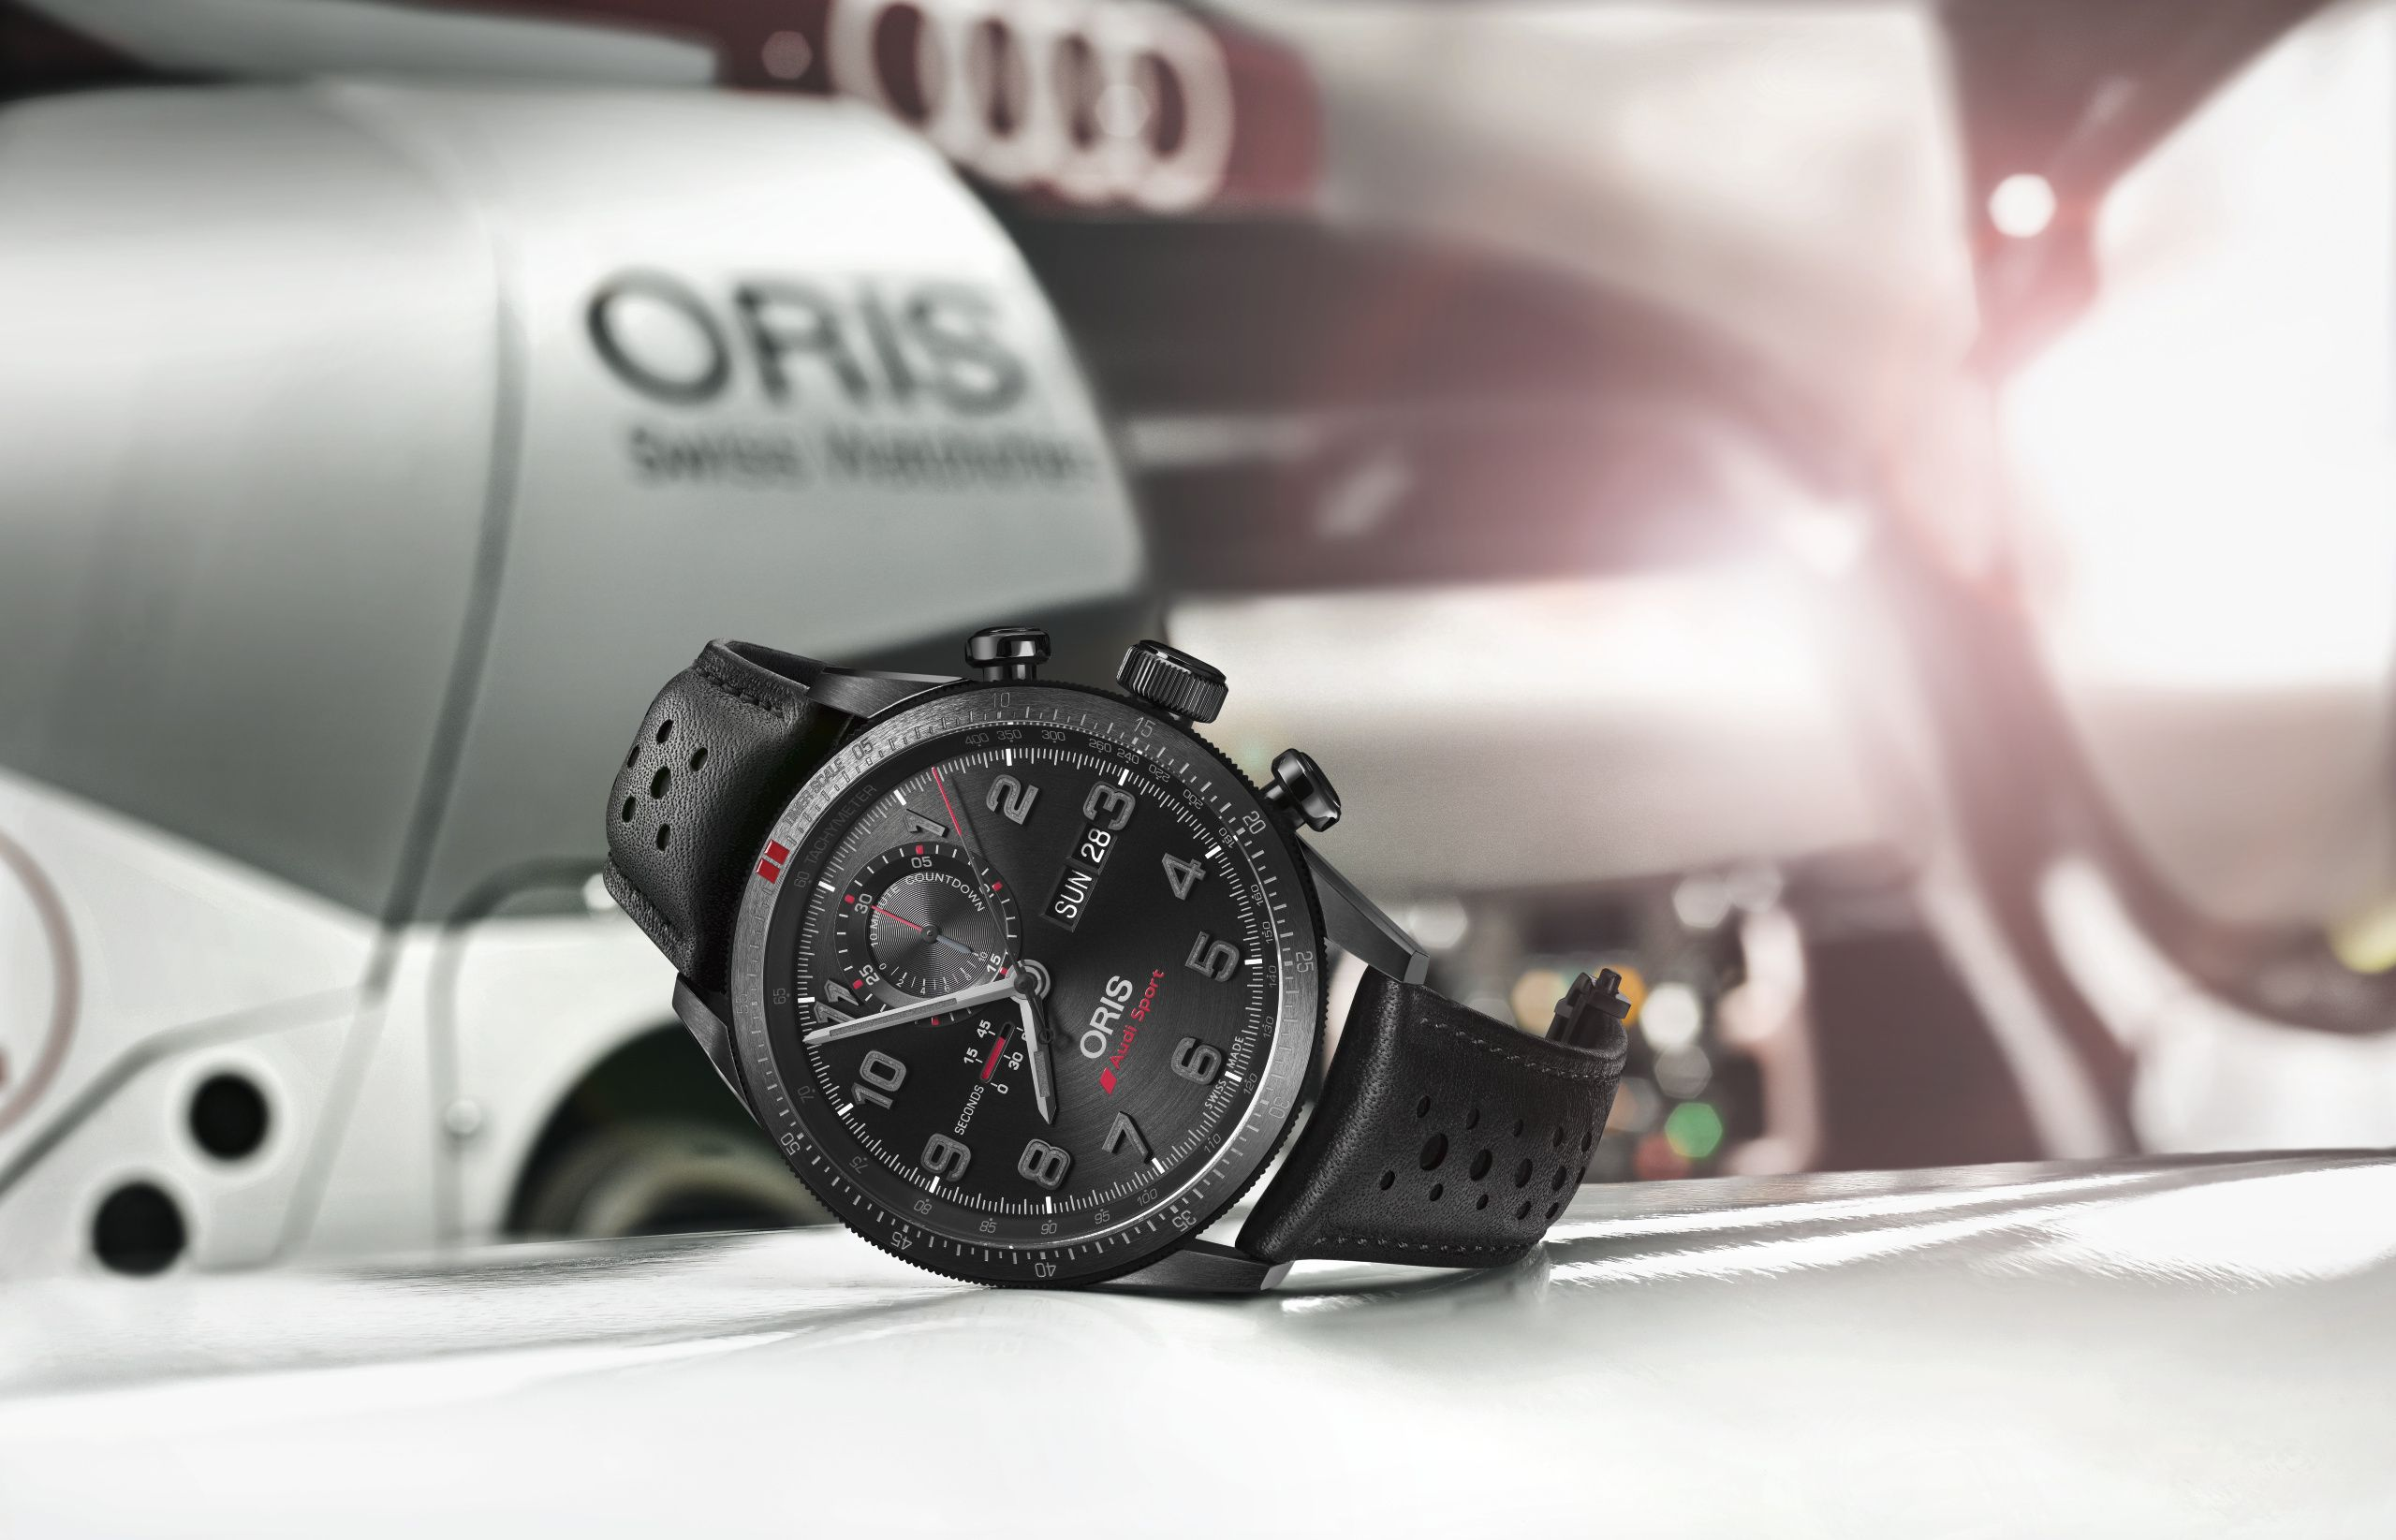 ORIS Audi Sport Limited Edition II palmarès inimitabile nel secondo anno della storica partnership tra oris e audi sport, oris è lieta di presentare l audi sport limited edition ii. l orologio è dedicato alla rivoluzionaria audi r18 e-tron quattro